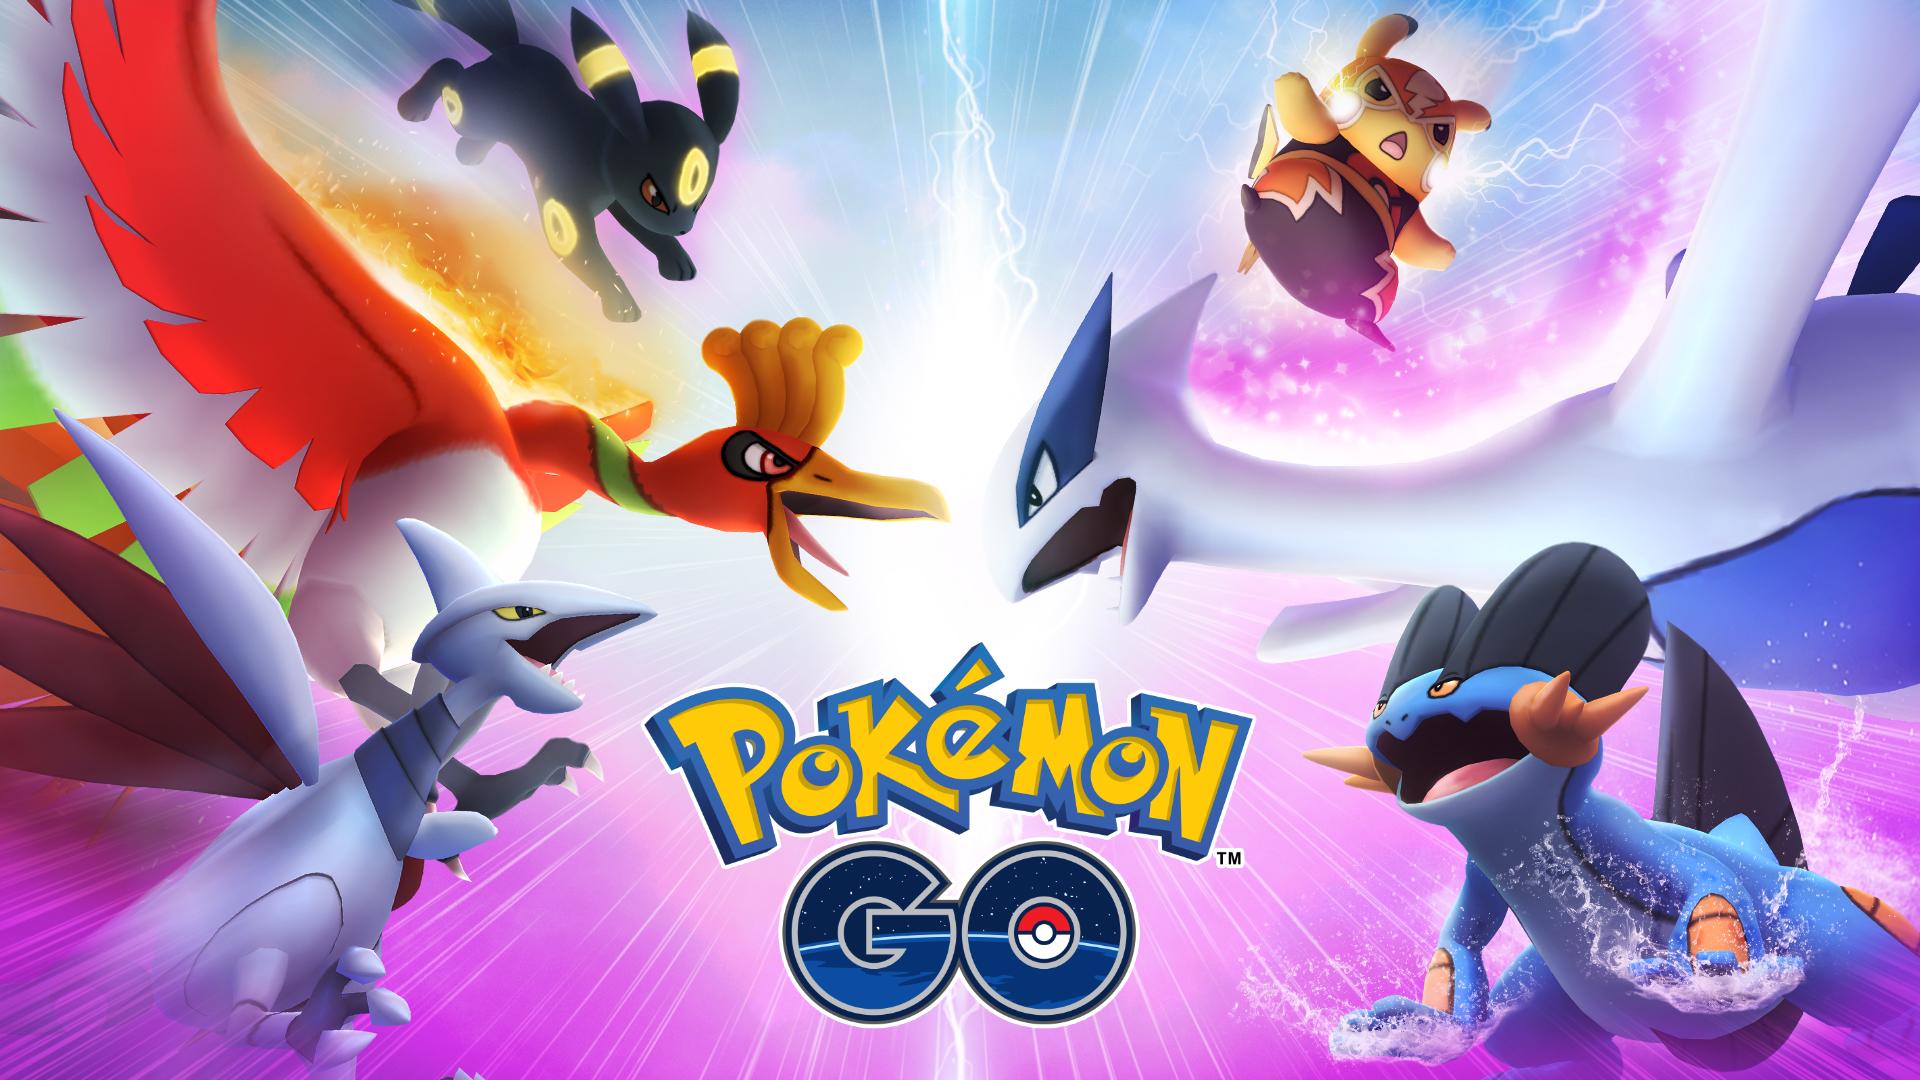 Pokémon GO Guide: How to reach Level 43 - tasks, XP, tips